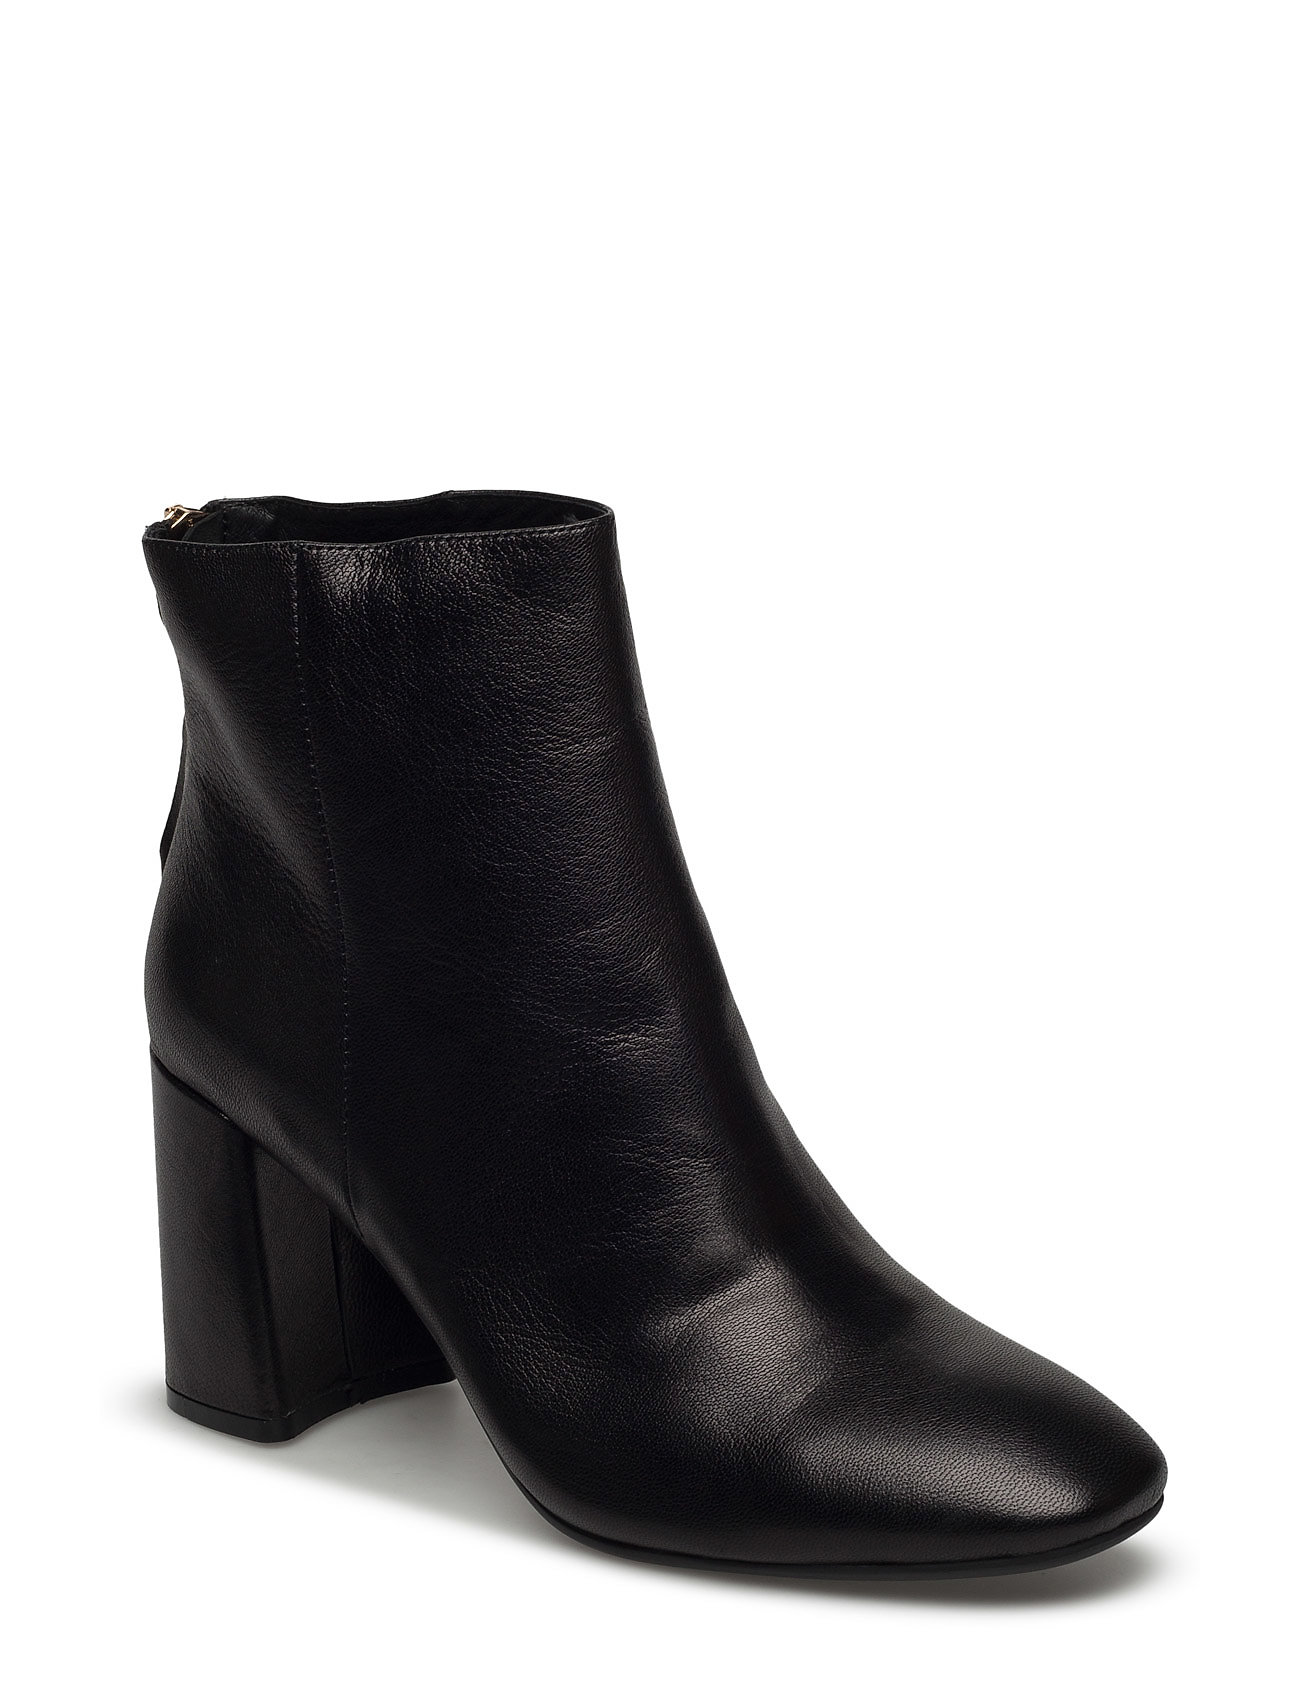 Boot Plain Sofie Schnoor Støvler til Damer i Sort